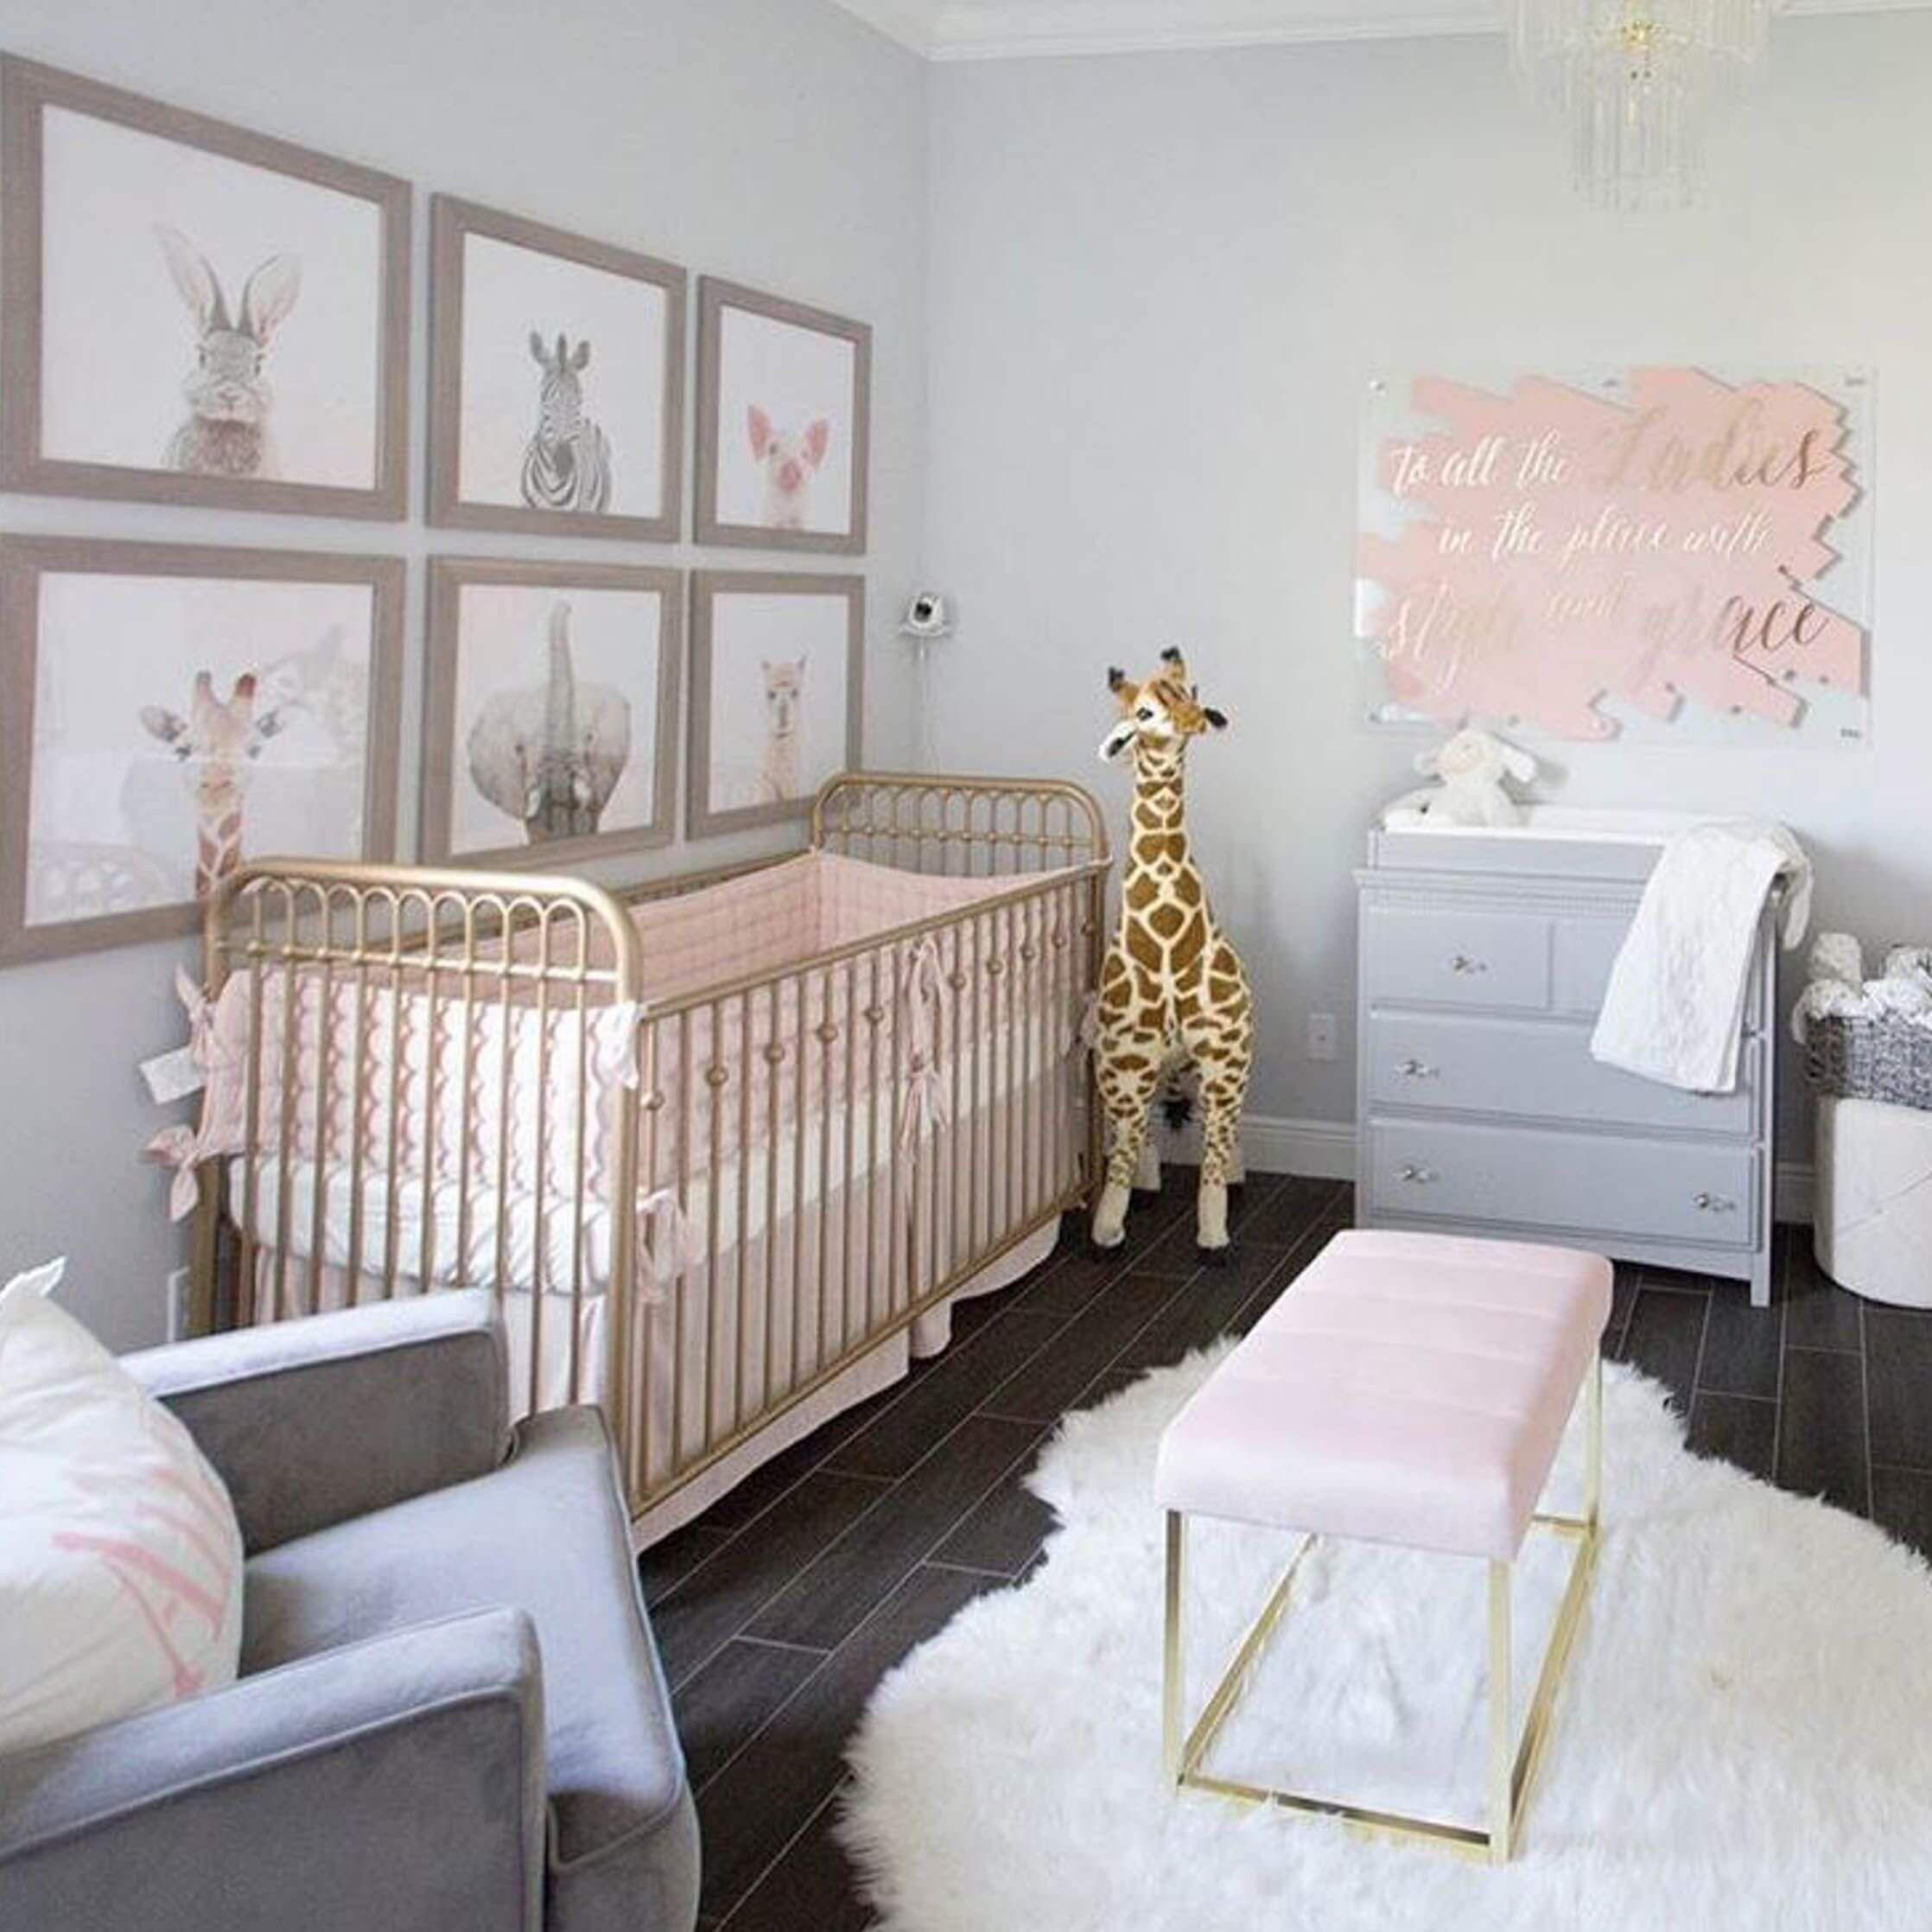 Create The Best Baby Boy Nursery With These Ideas Girl Nursery